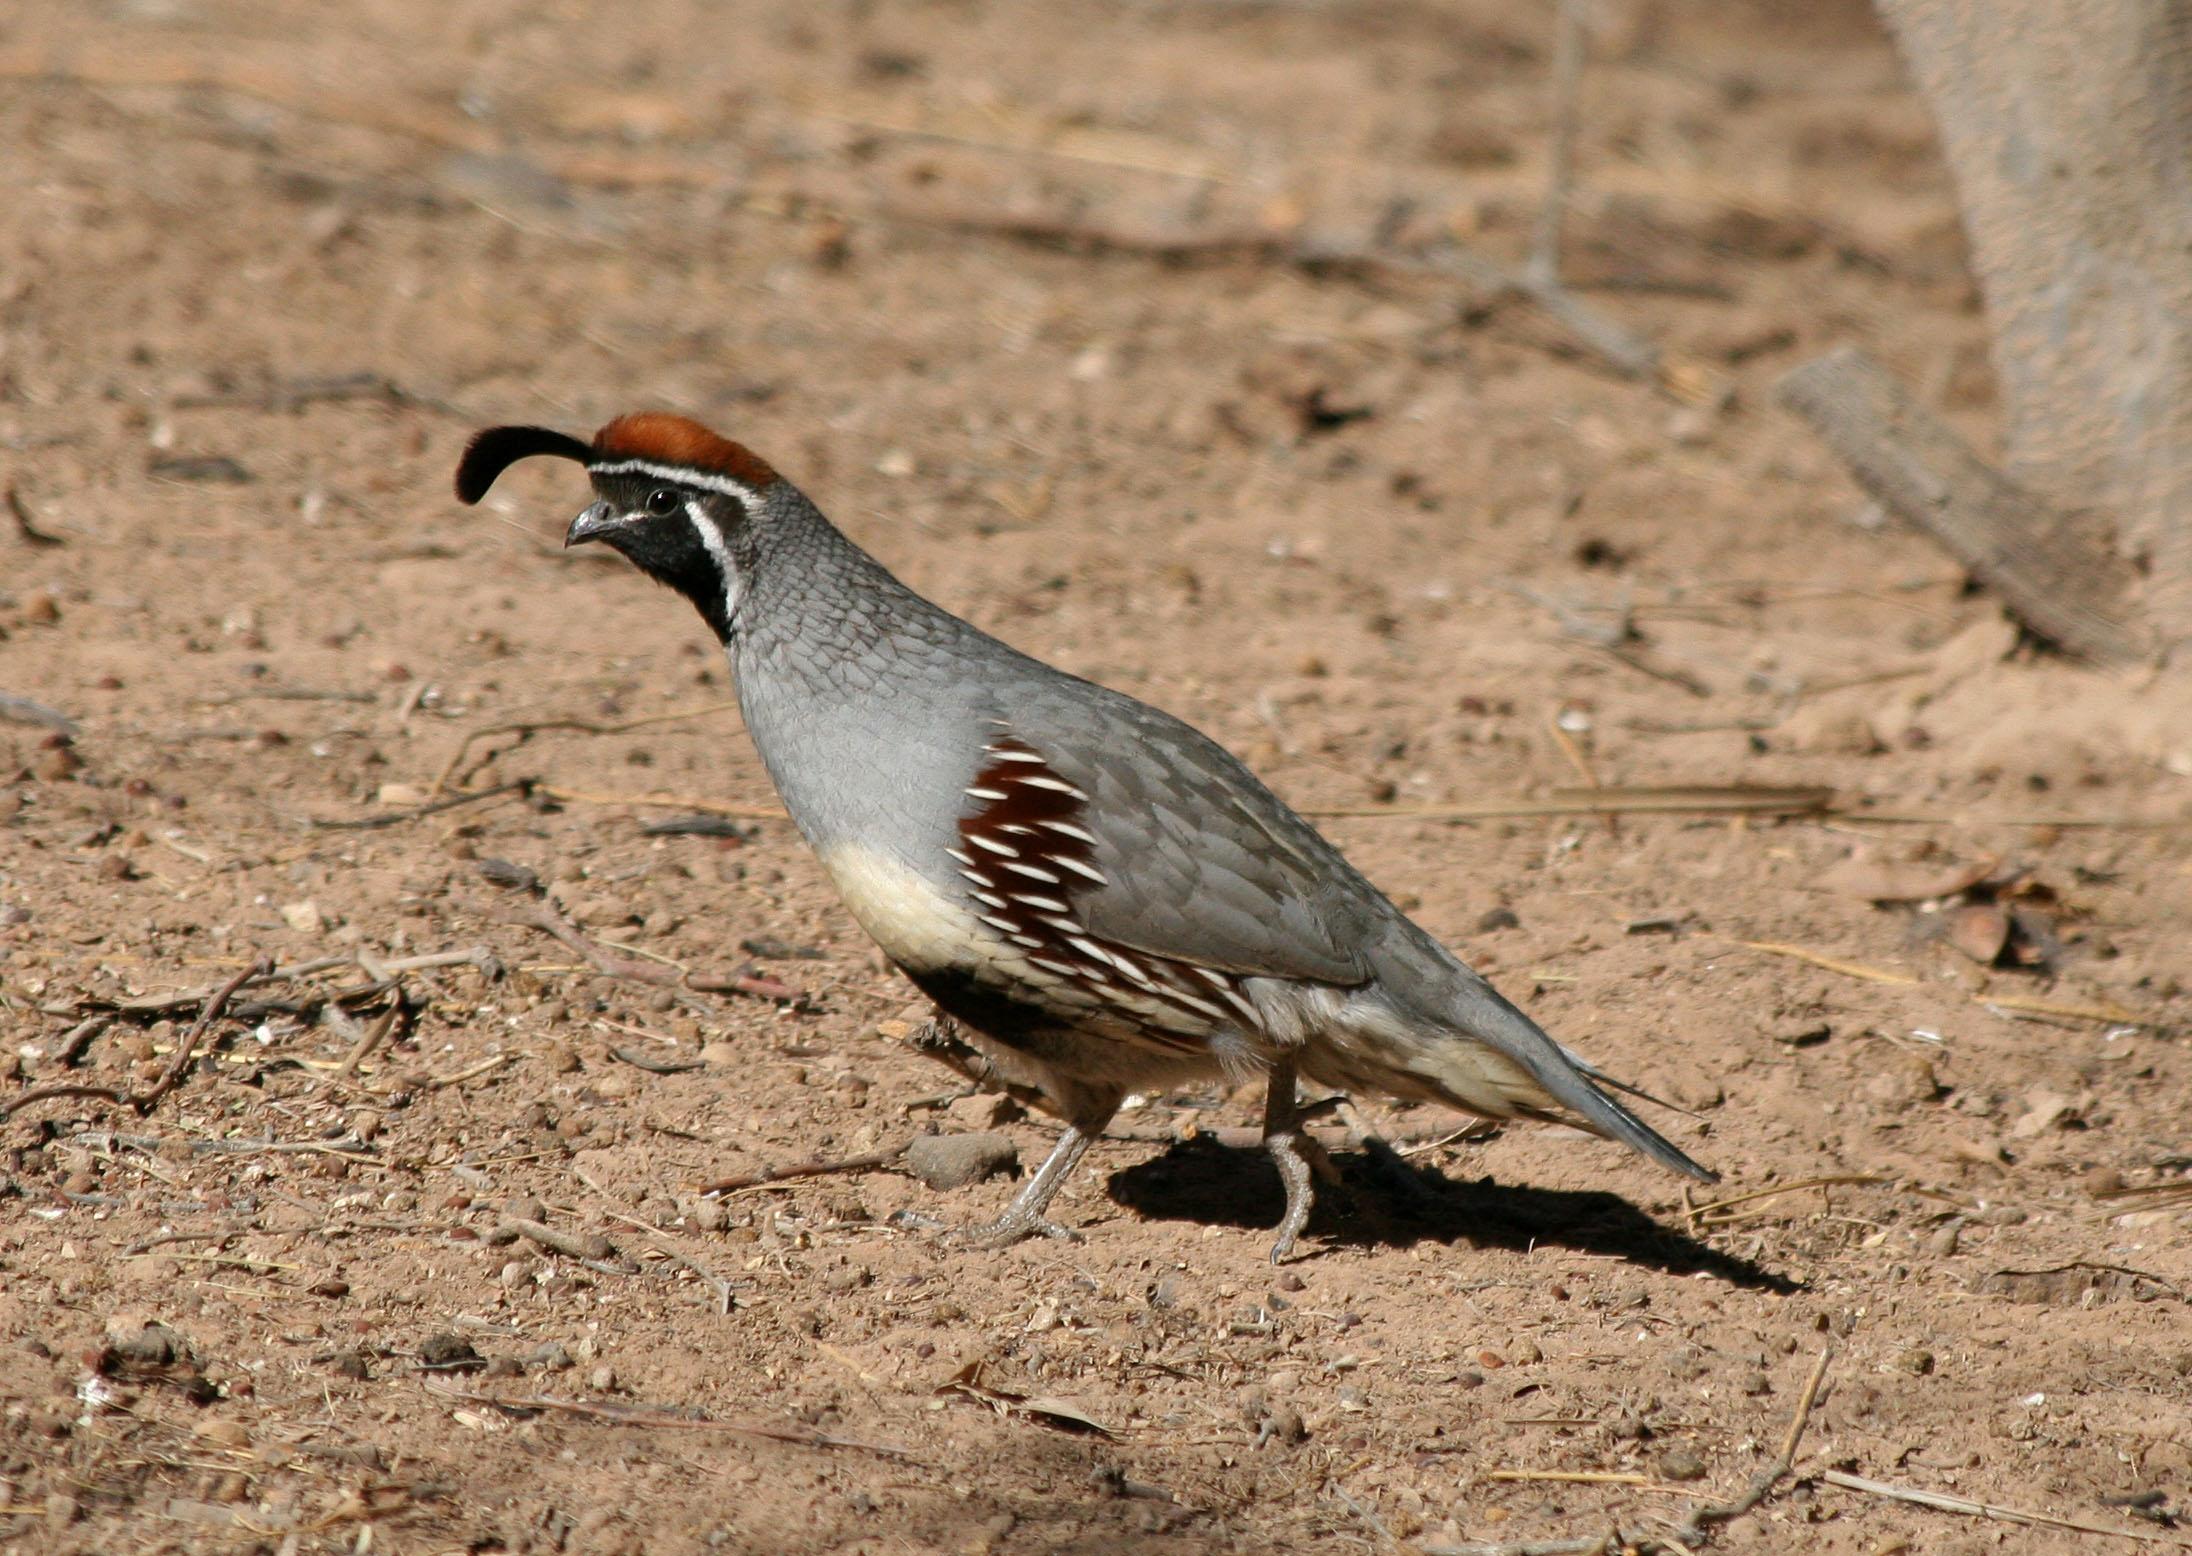 https://i2.wp.com/avise-birds.bio.uci.edu/galliformes/odontophoridae/Callipepla_gambelii/images/1gaqu_male_02_06_07.jpg